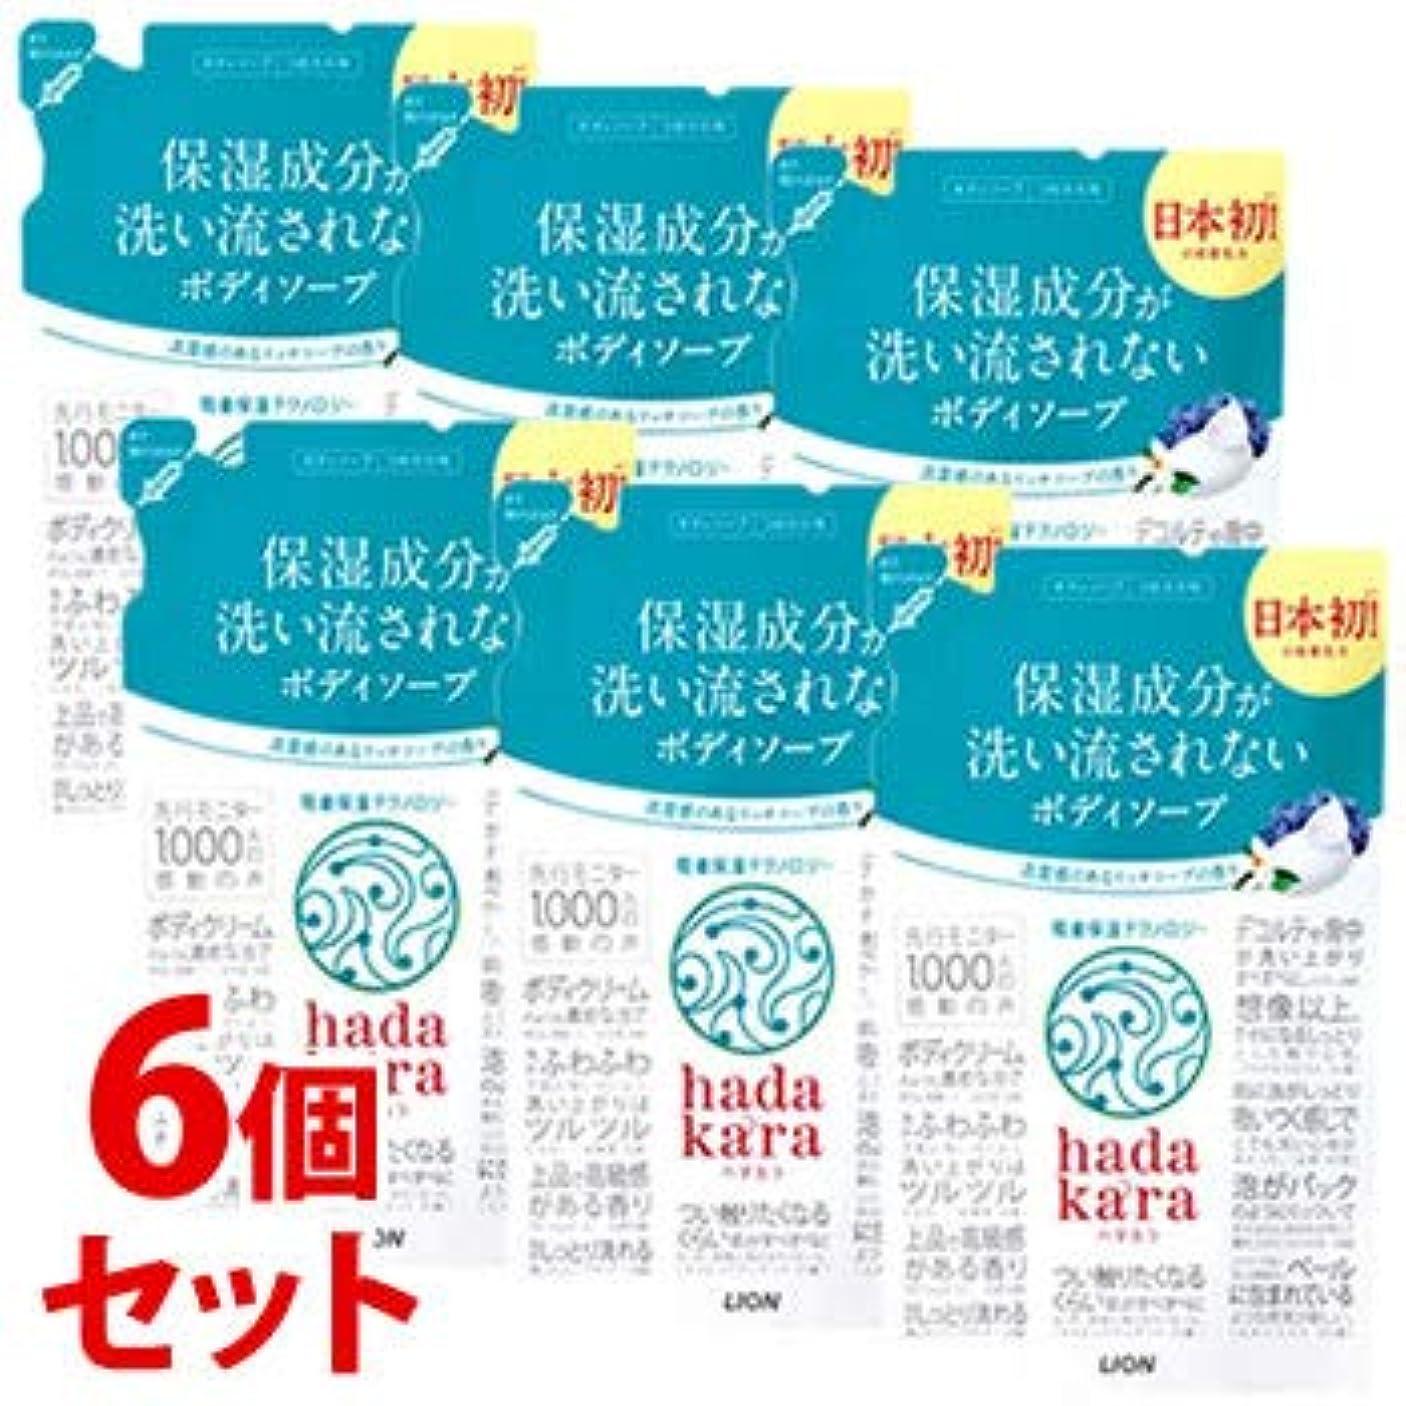 窓を洗う覚醒急流《セット販売》 ライオン ハダカラ hadakara ボディソープ リッチソープの香り つめかえ用 (360mL)×6個セット 詰め替え用